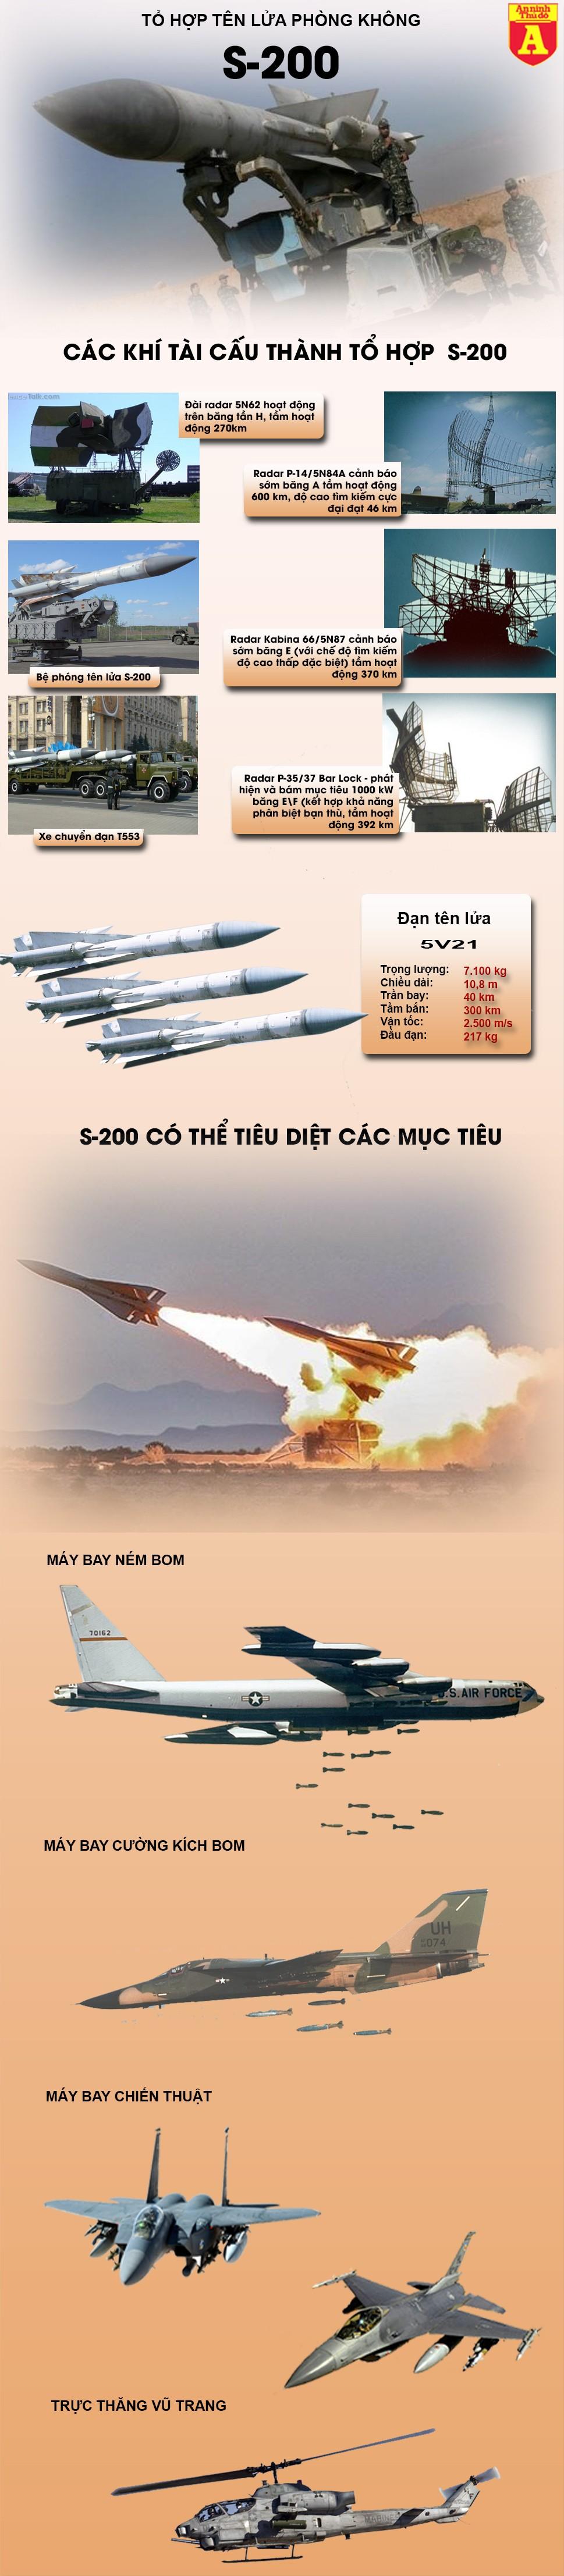 [Infographic] Tên lửa phòng không Syria vừa khai hỏa bắn đuổi máy bay Israel ảnh 2